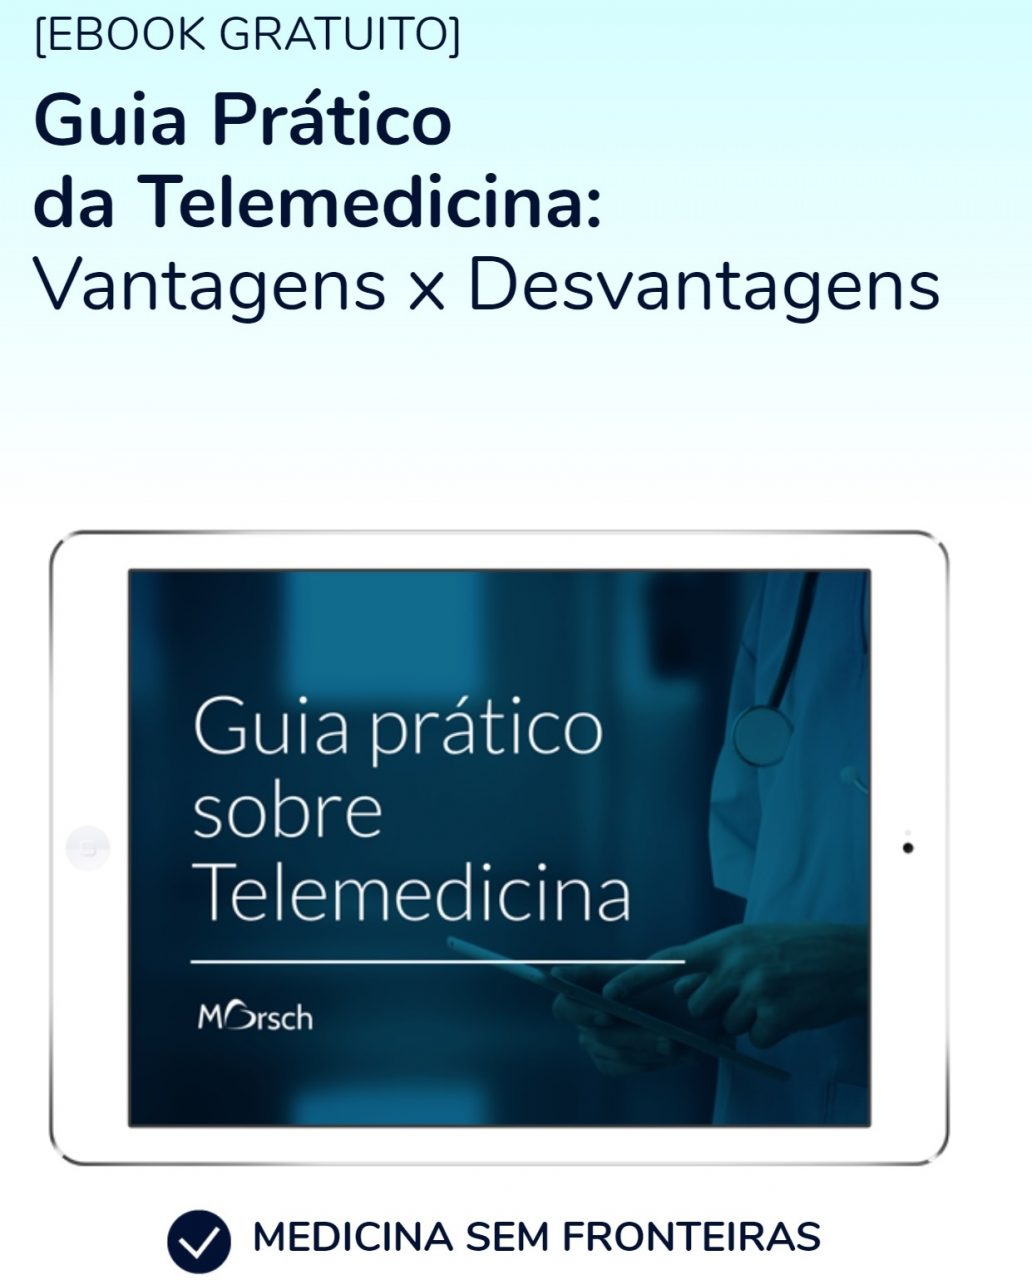 E-book completo sobre como usar a telemedicina na prática